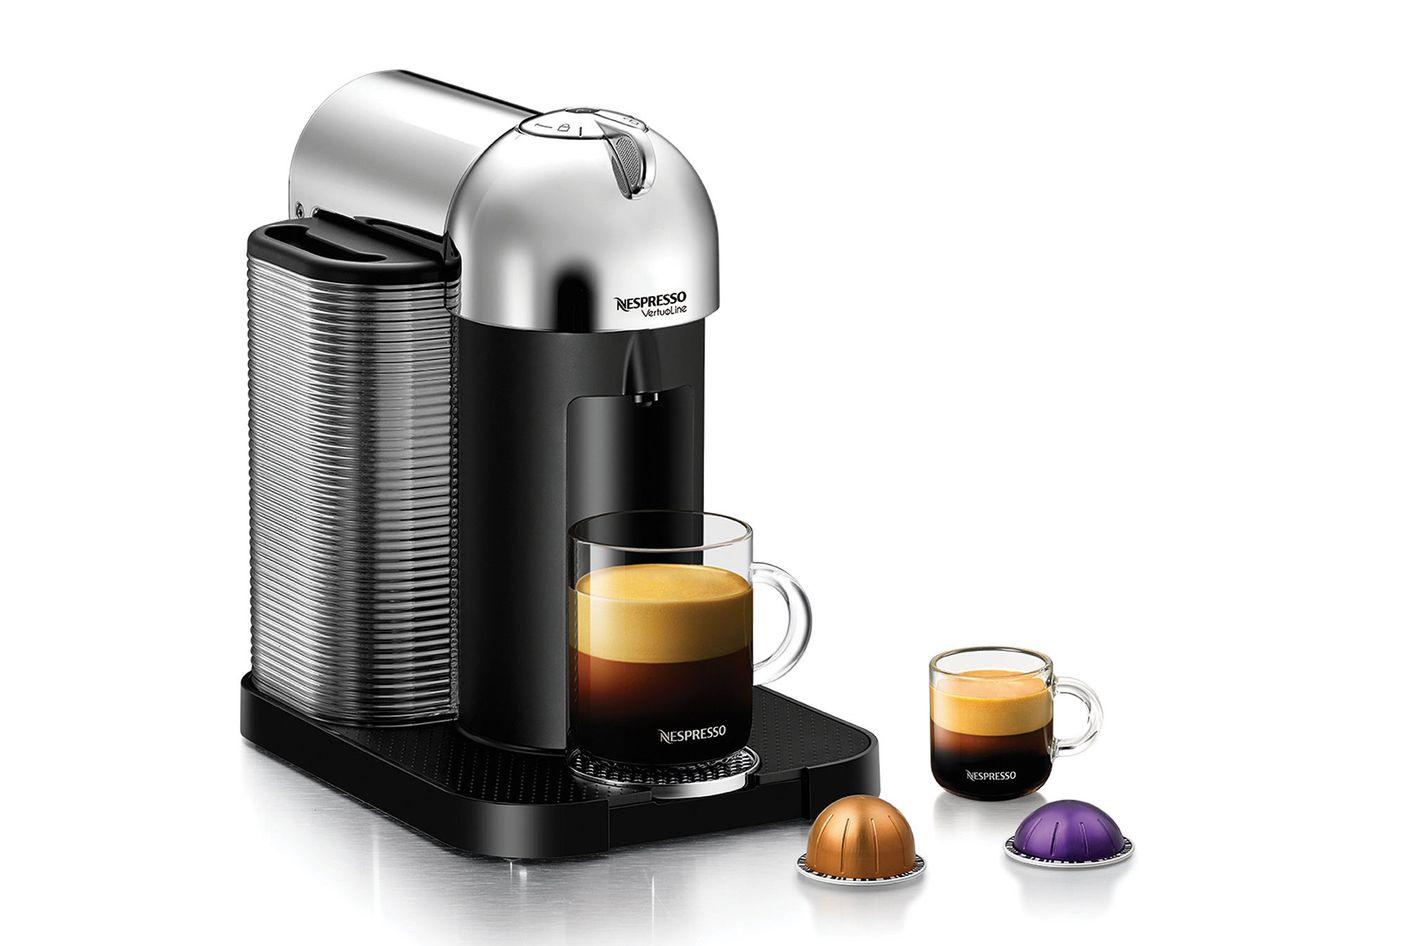 Nespresso VertuoLine Single-Serve Brewer & Espresso-maker